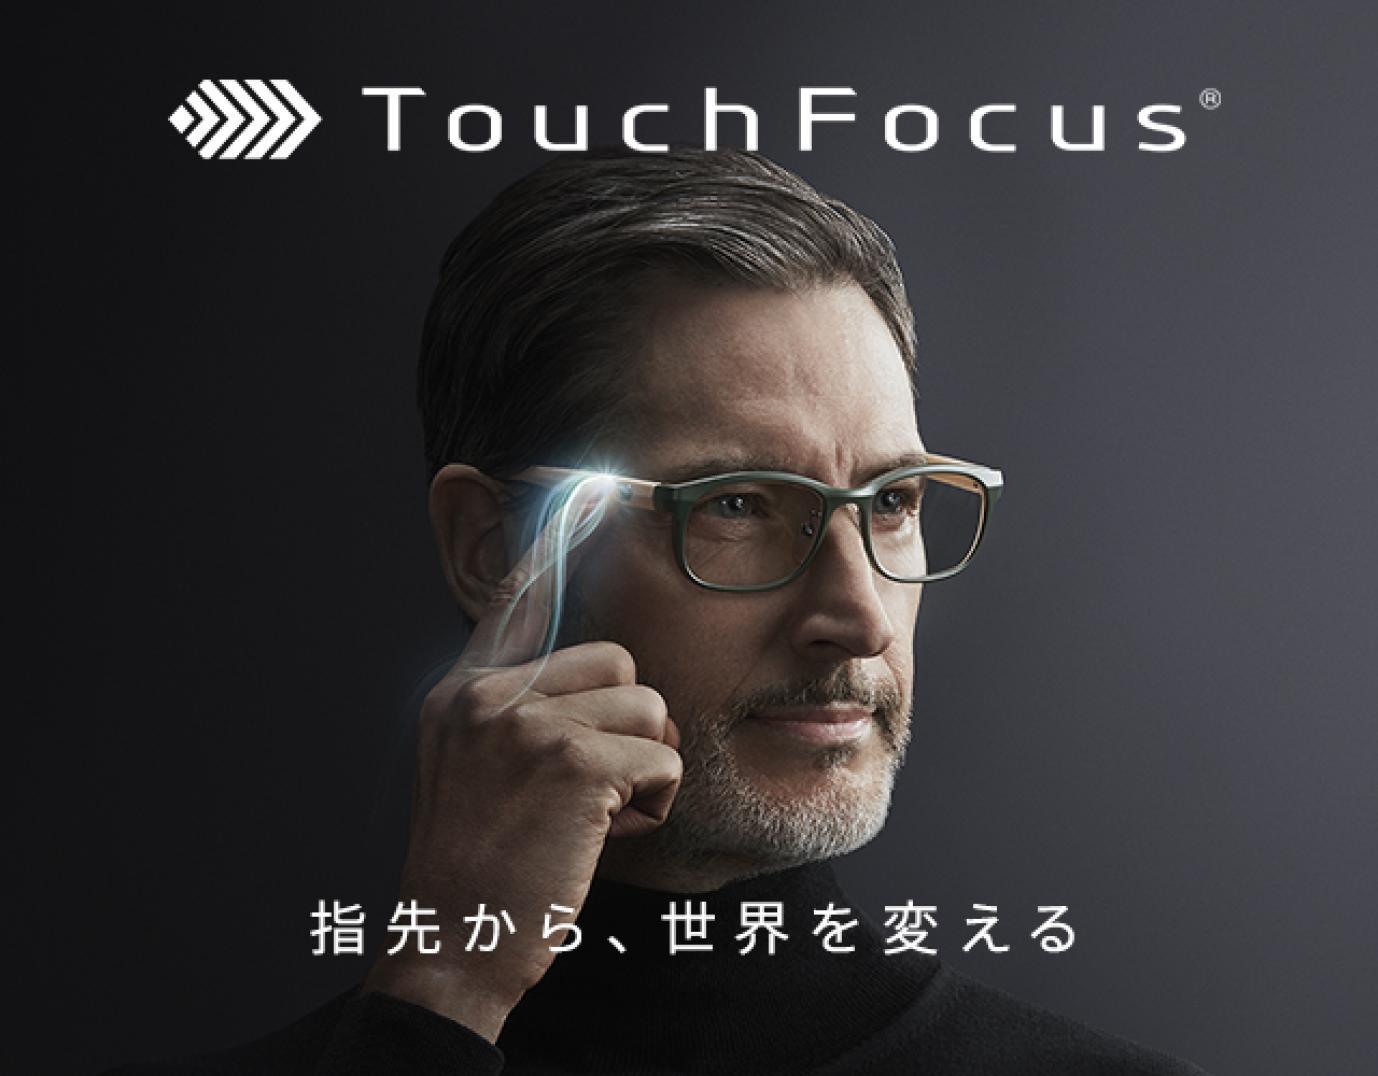 【Touch Focus】ワンタッチで遠近を瞬時に切り替えられる、次世代アイウェア